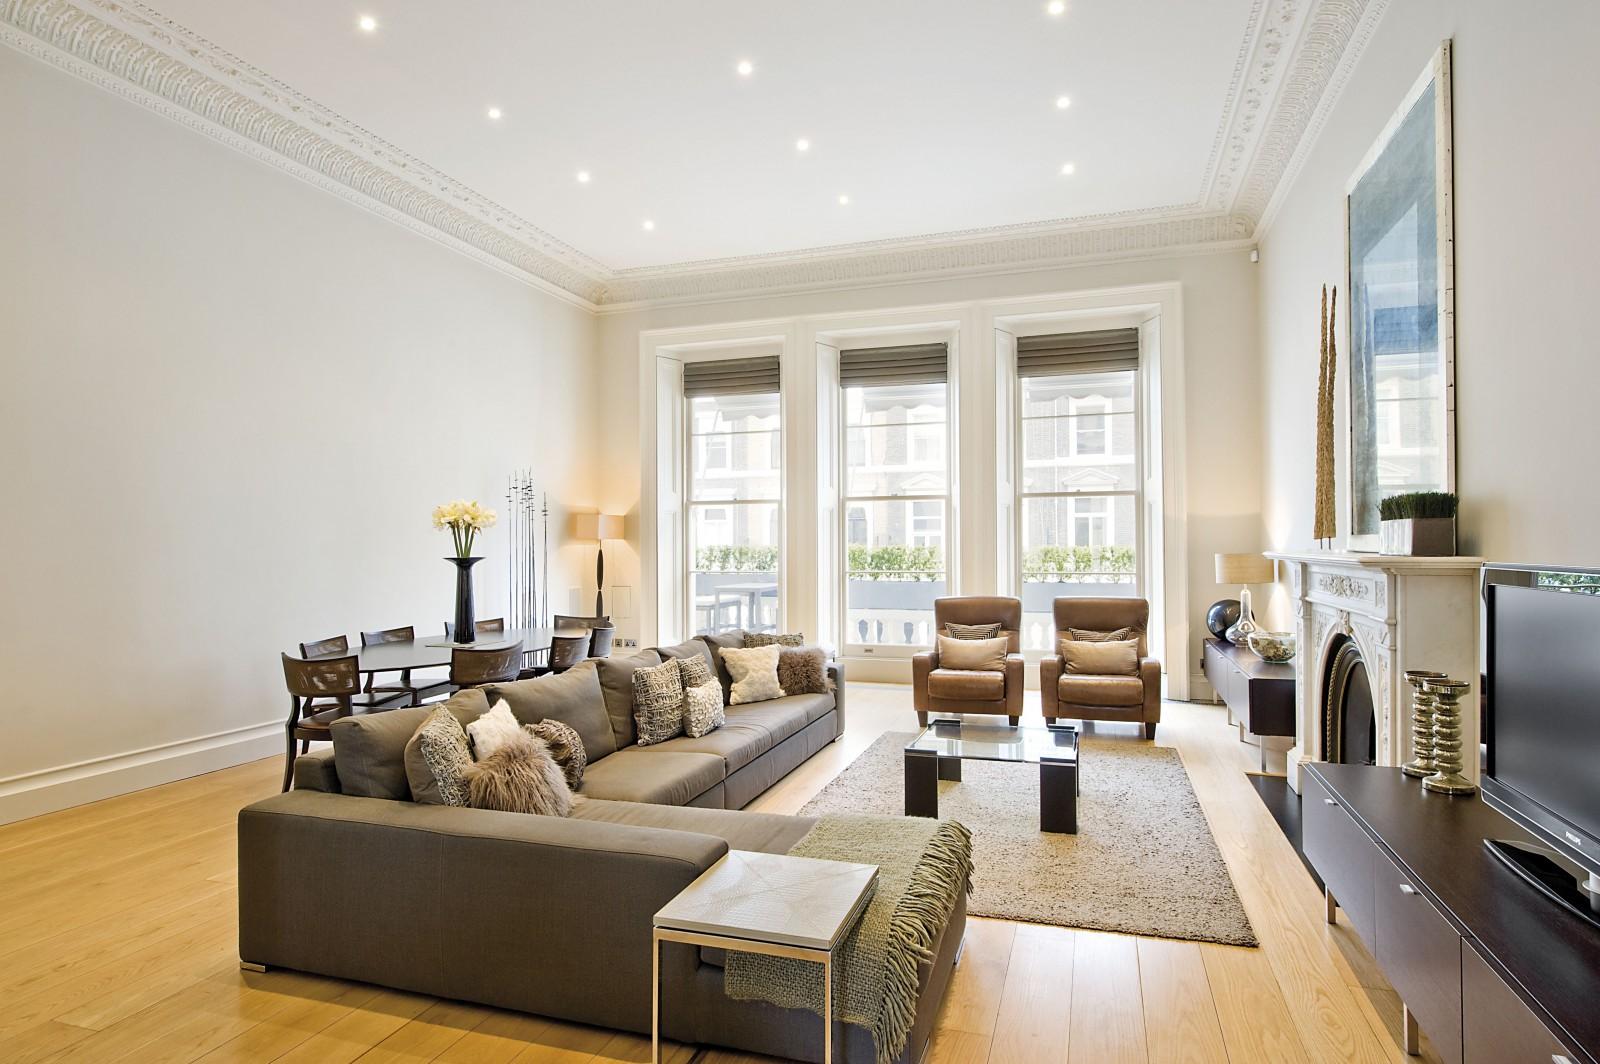 集合住宅 のために 賃貸 アット Cornwall Gardens, South Kensington, SW7 South Kensington, イギリス